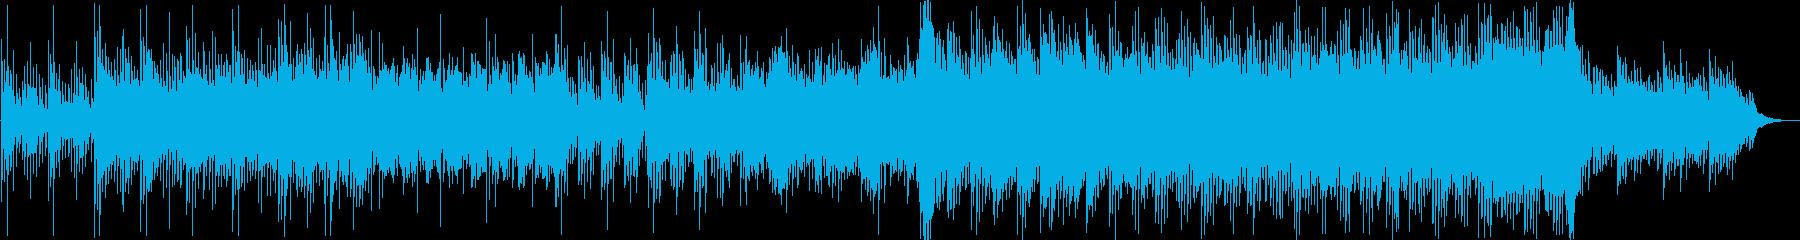 動画 サスペンス アクション 説明...の再生済みの波形